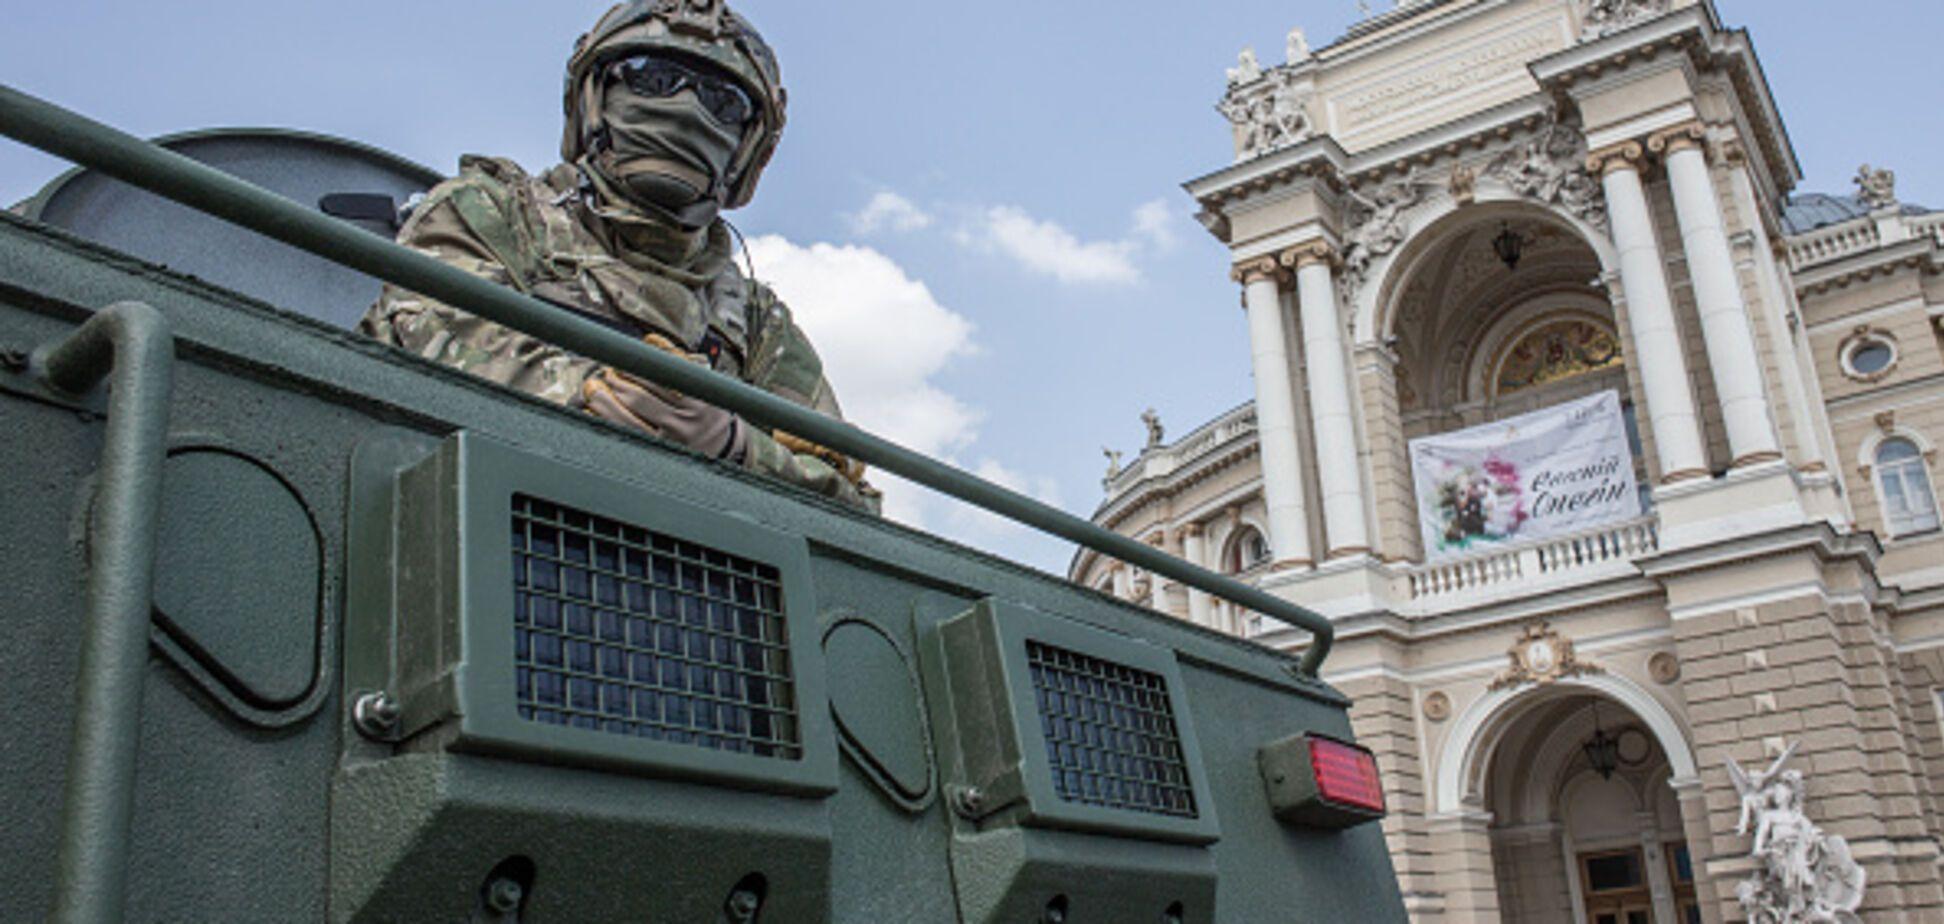 Захват территории военной части в Одессе: Минобороны приняло решение